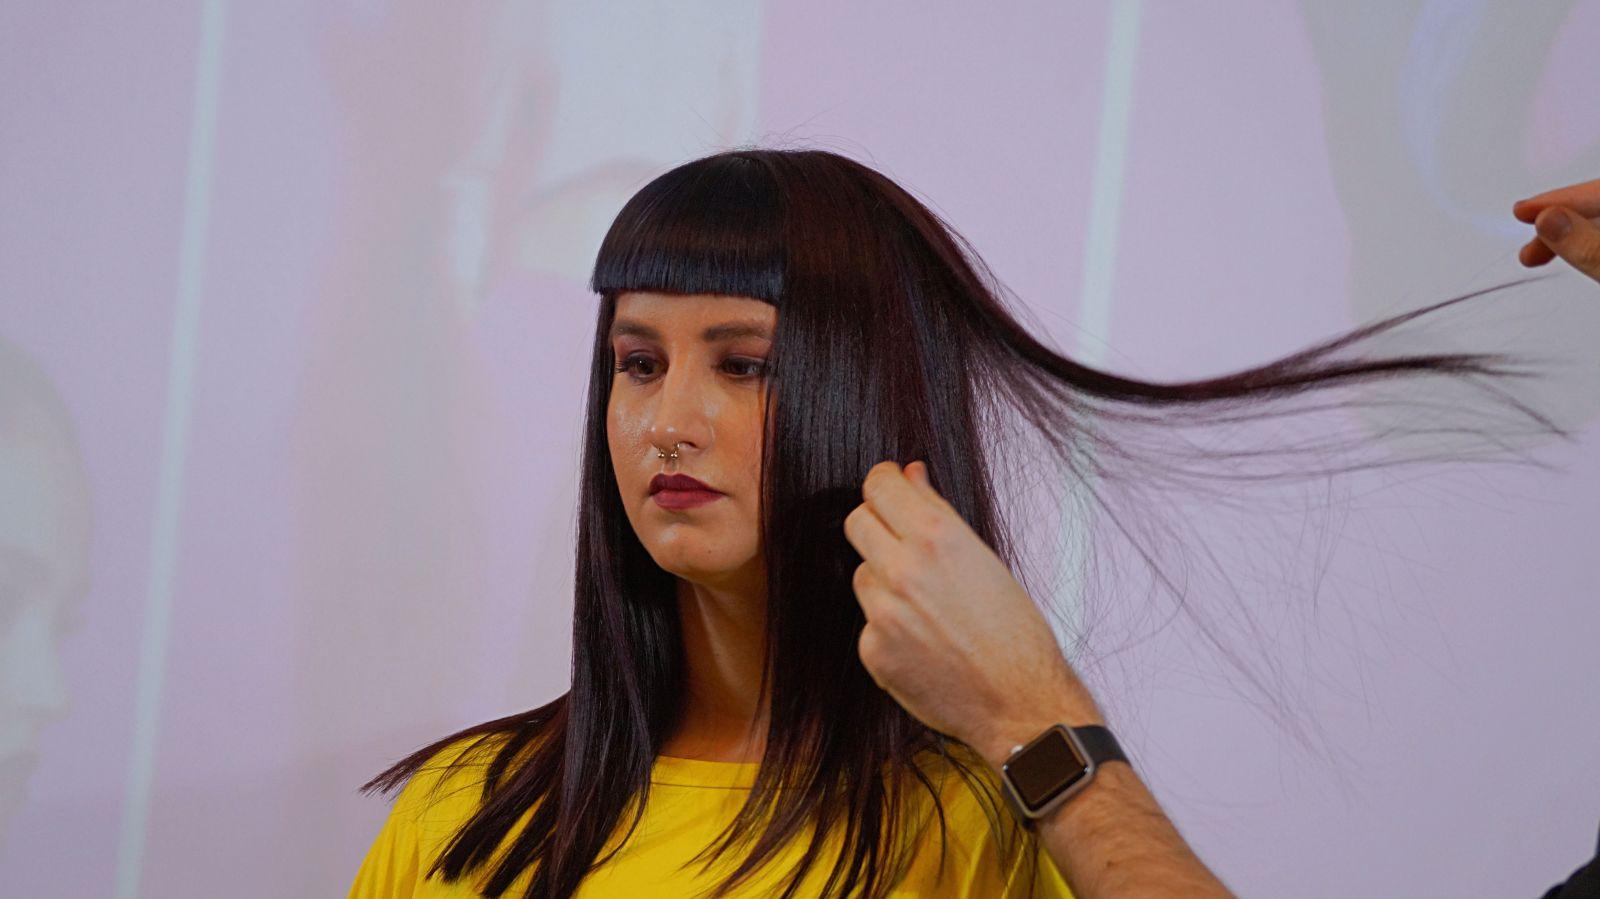 igora vibrance színskála, hajfesték színskála, igora vibrance, schwarzkopf professionel, online időpontfoglaló program_BWNet